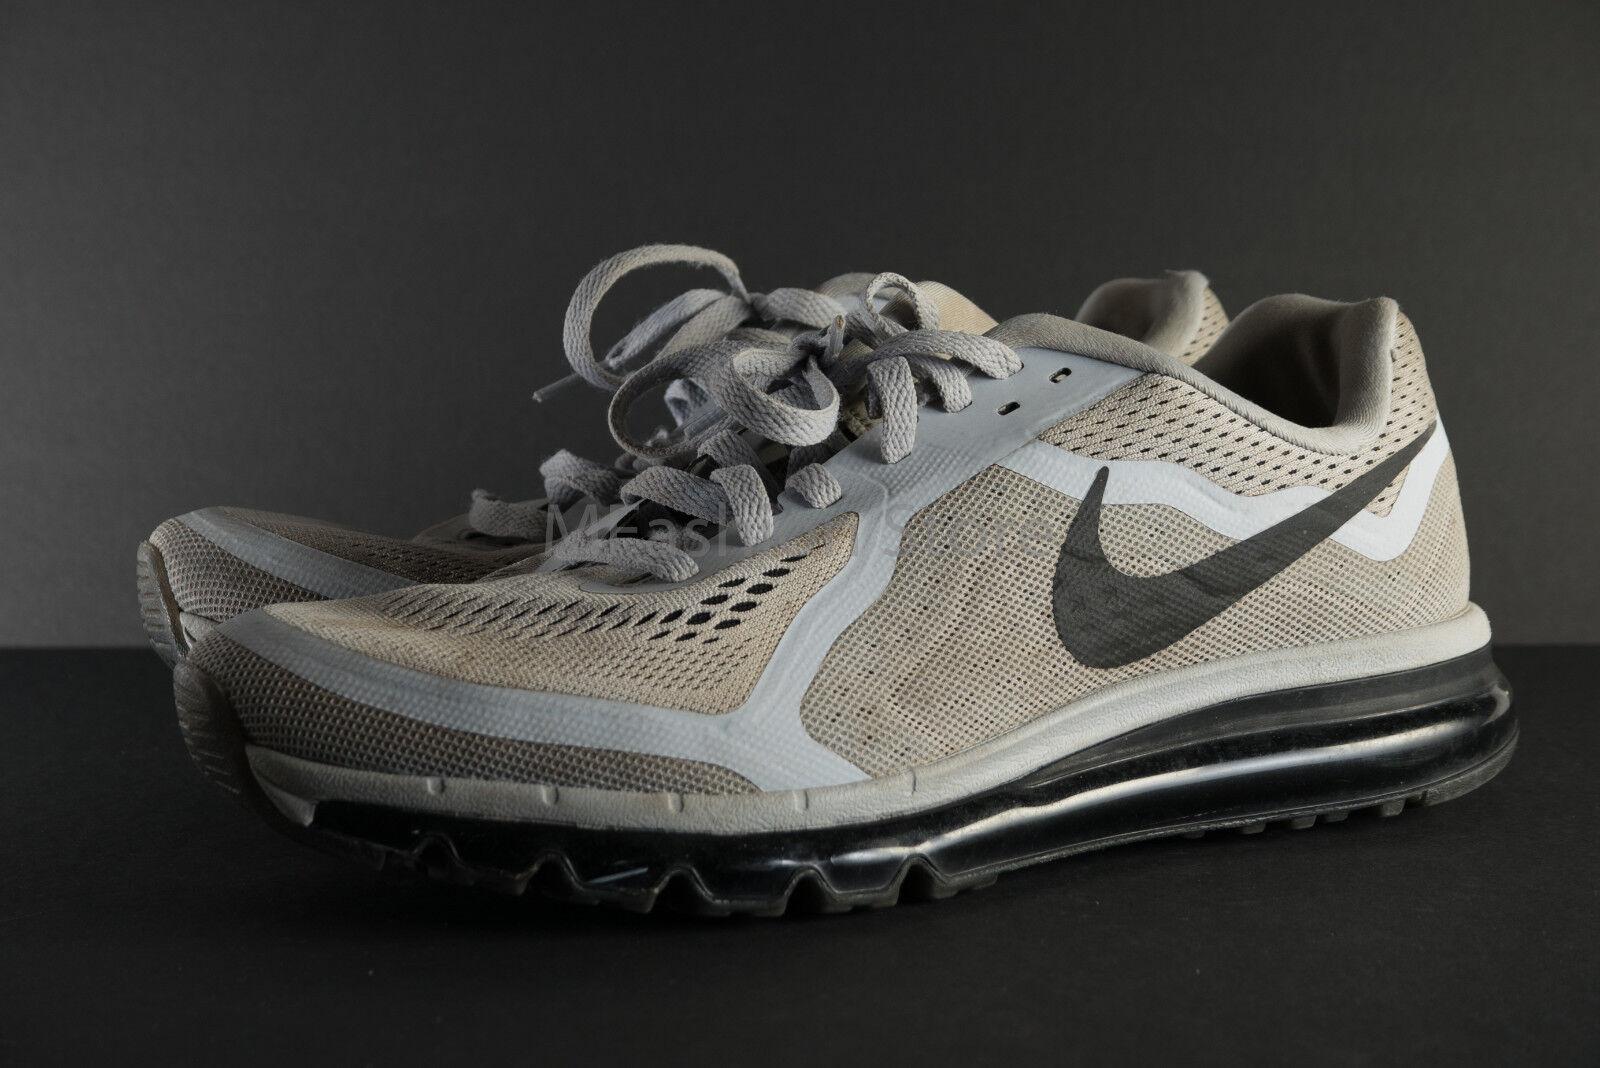 Nike airmax neutralen grau läuft 621077-020 mens größe us12 bereits im besitz